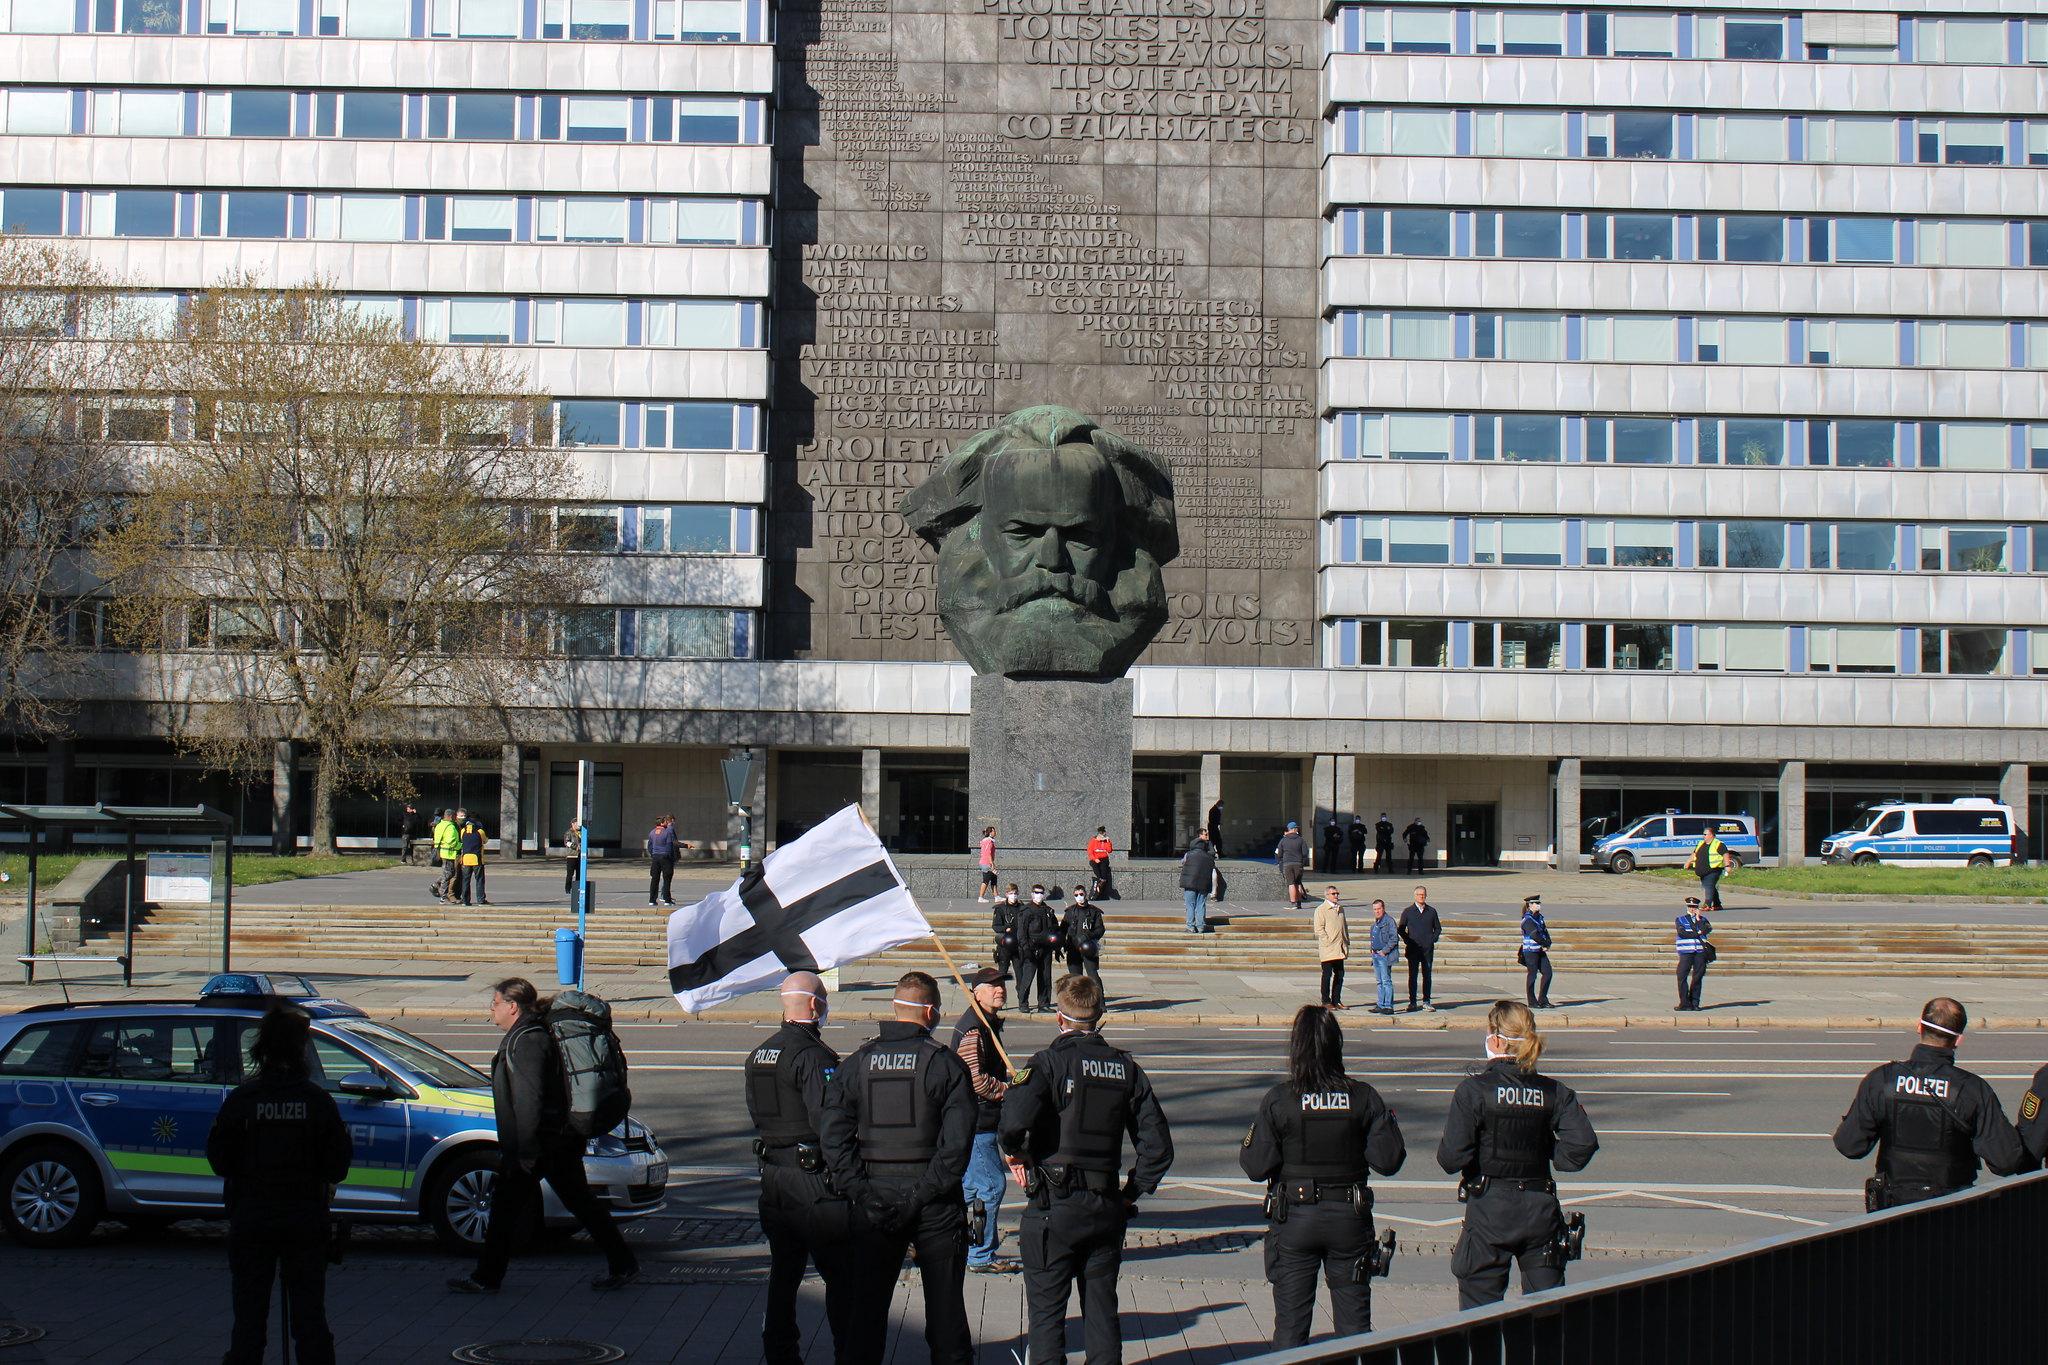 Die Kundgebung vom 20.04.2020 zu Beginn (Quelle: flickr Ruben Dörfler)